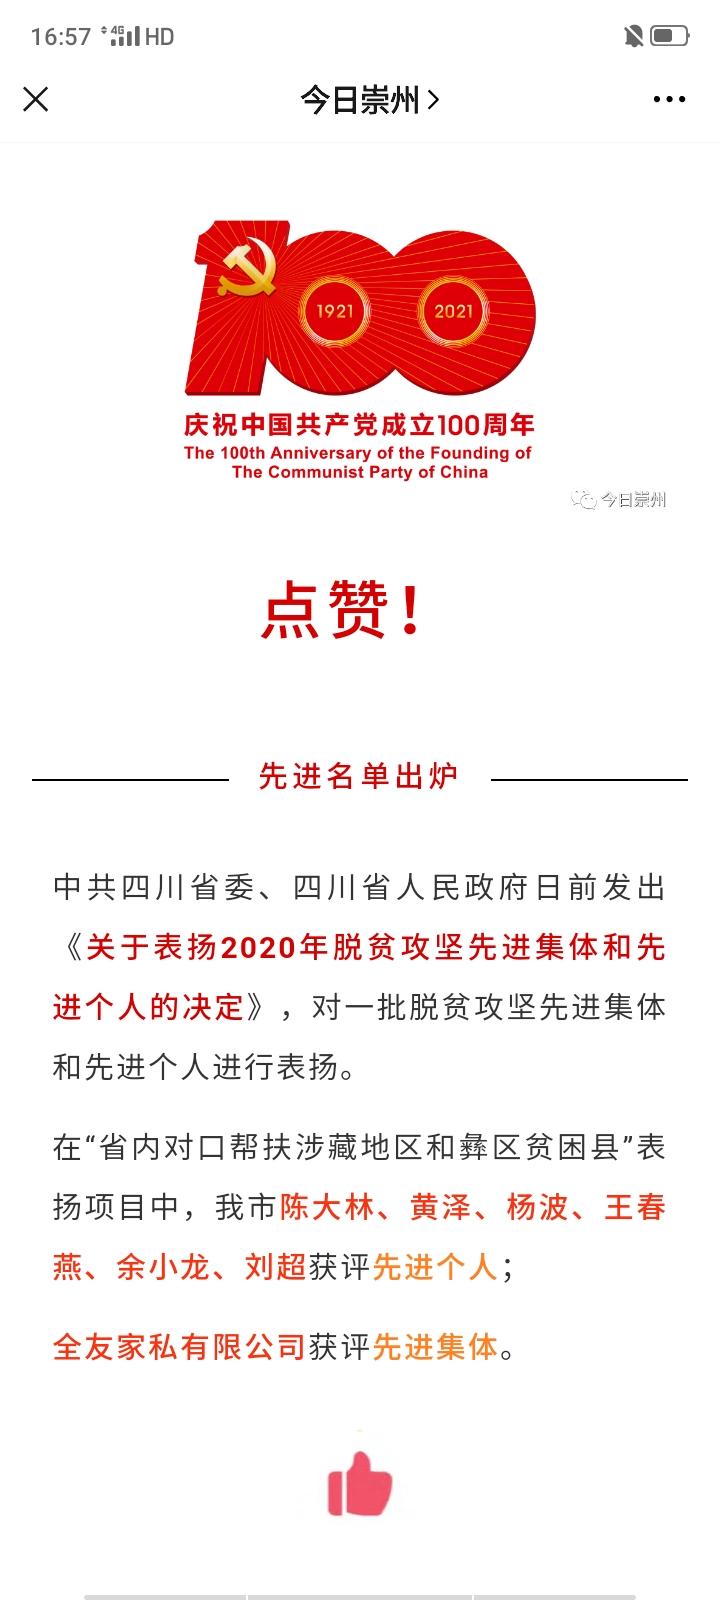 """践行鱼水文化勇担社会责任 全友荣获""""2020年脱贫攻坚先进集体""""荣誉称号"""